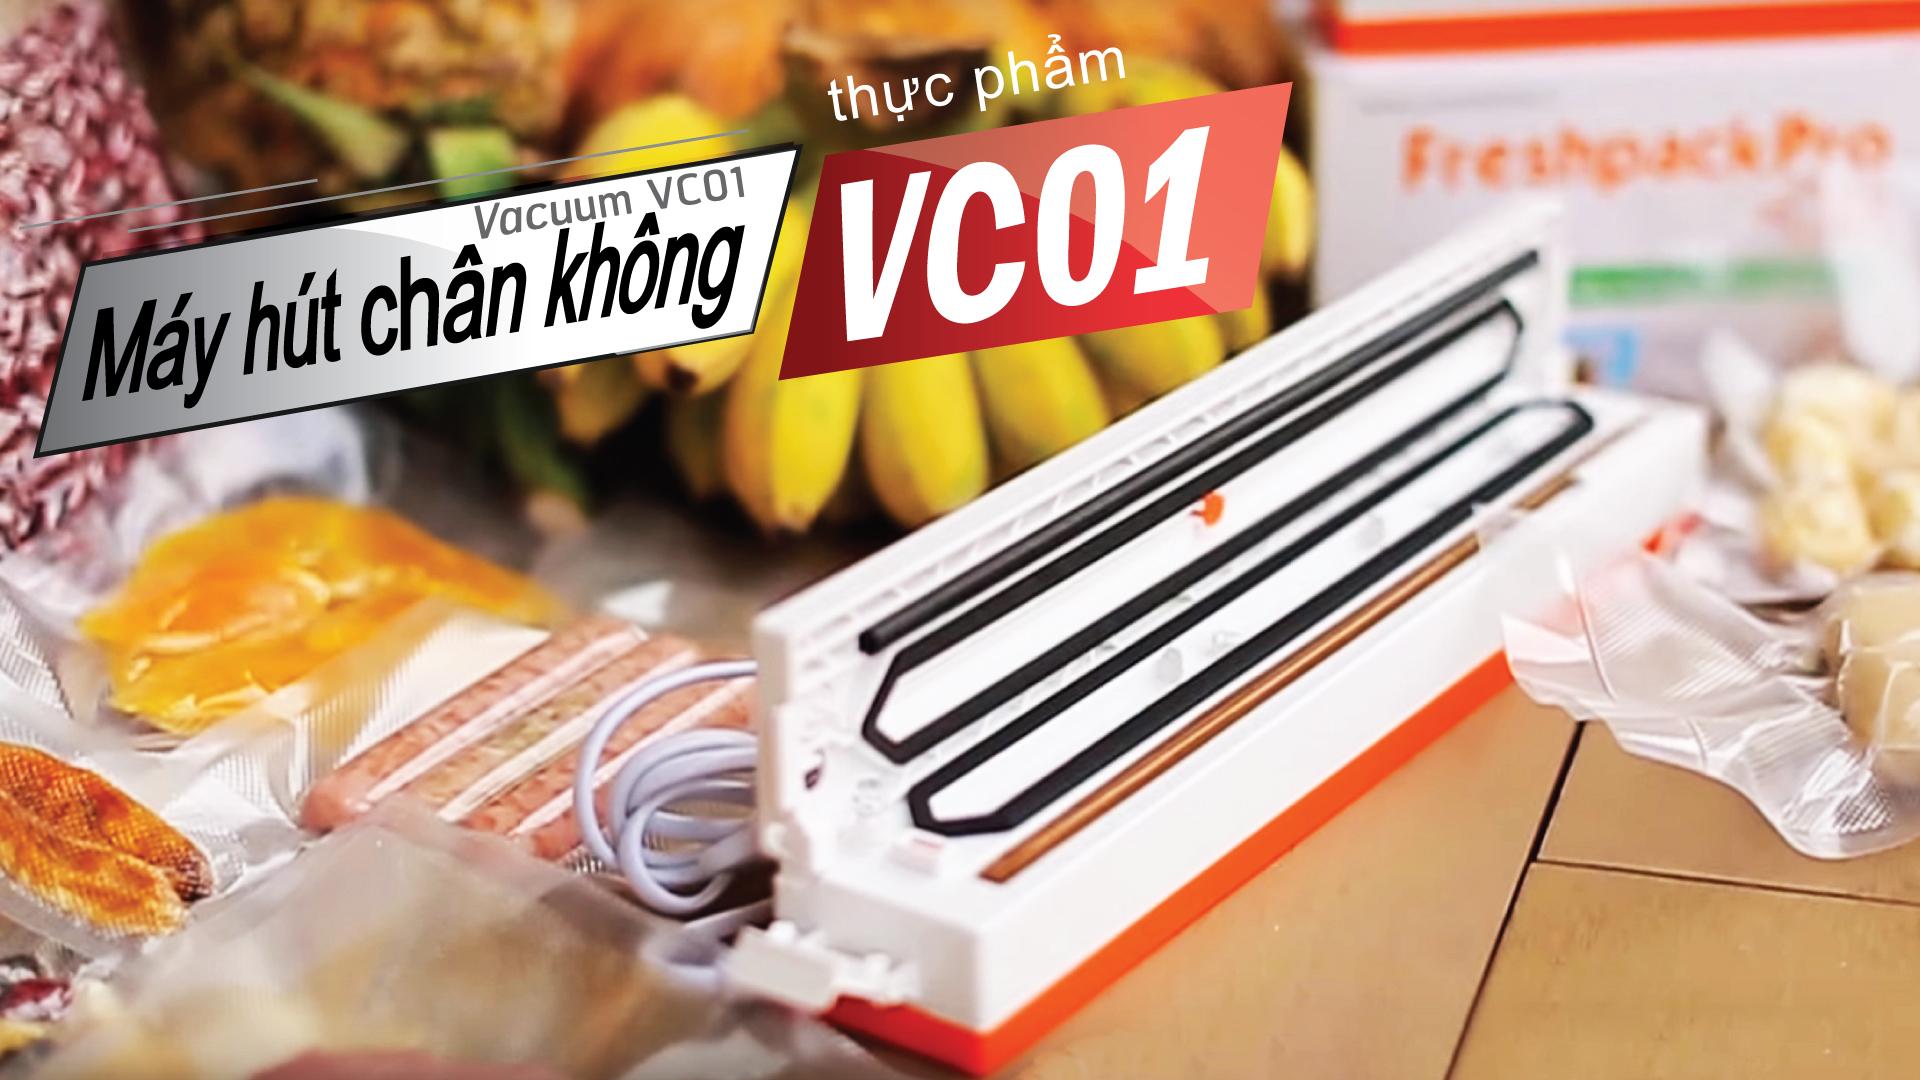 máy hút chân không thực phẩm-vc01 (5)